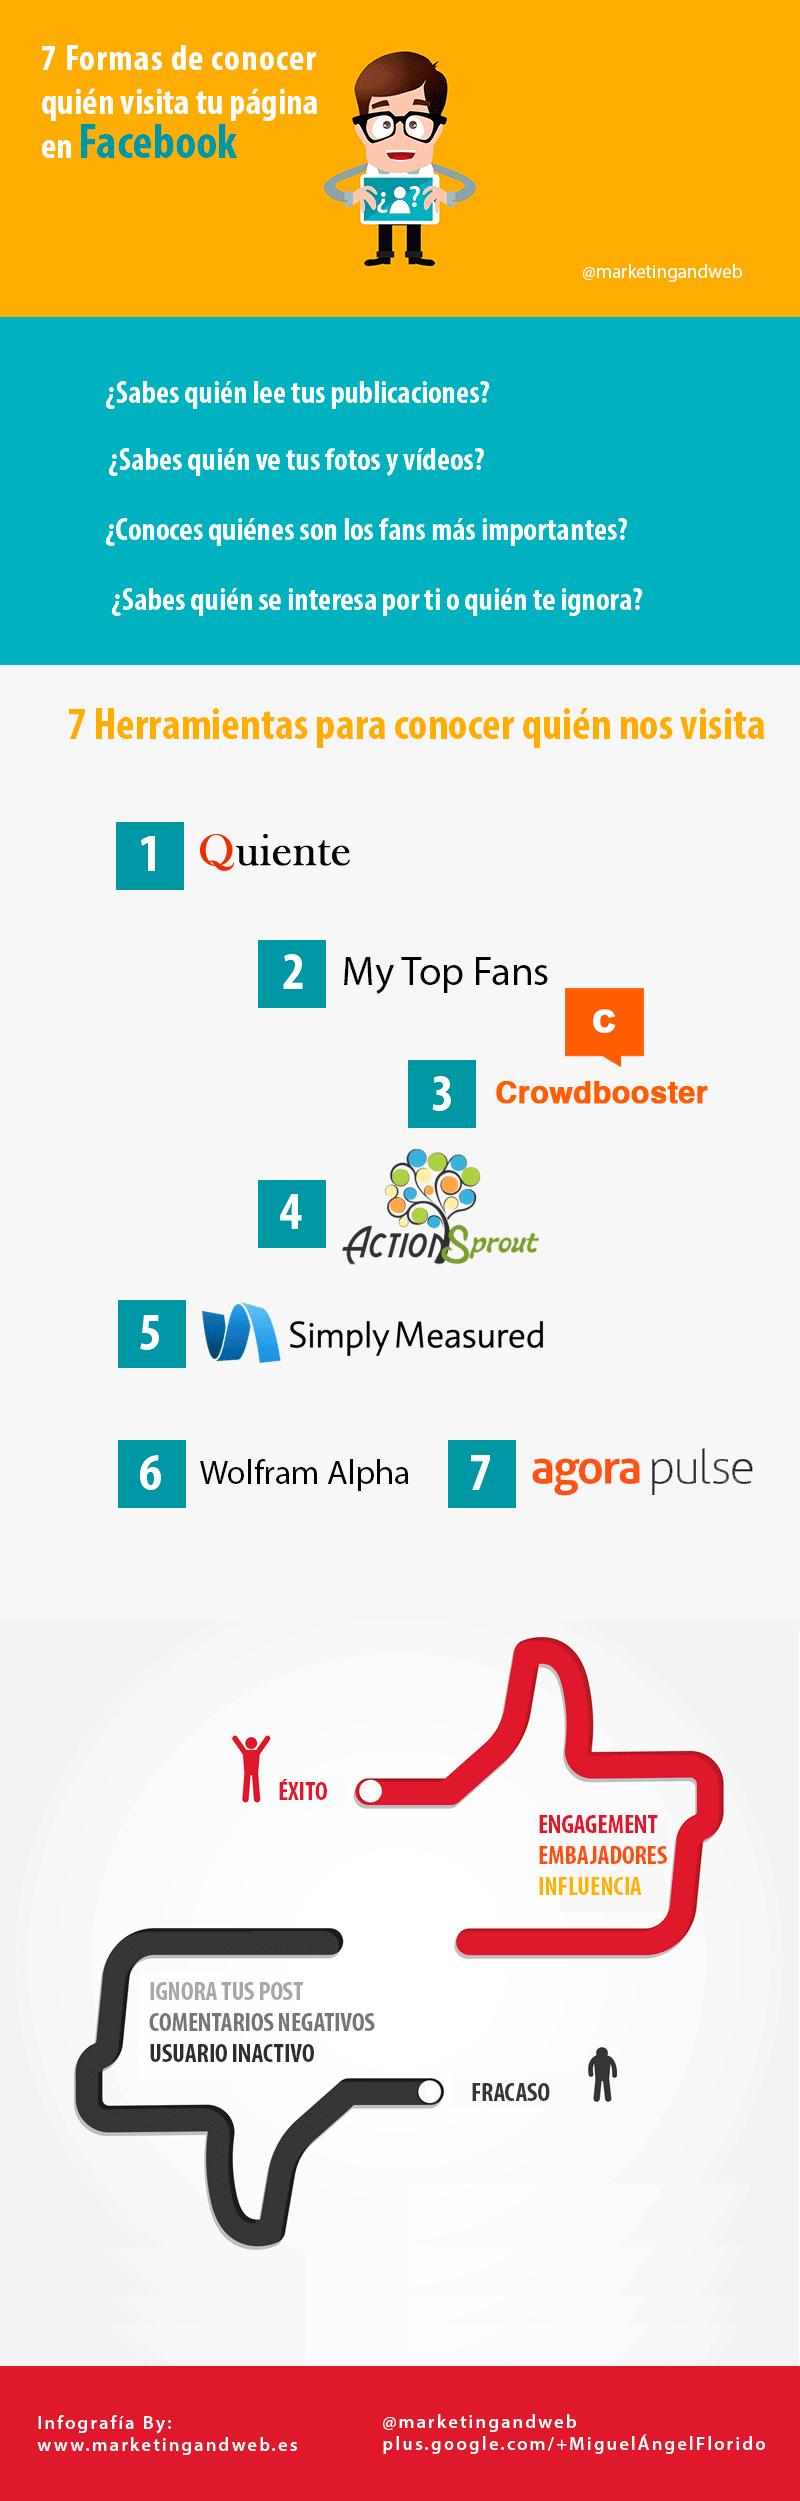 7 formas de saber quién nos visita en FaceBook